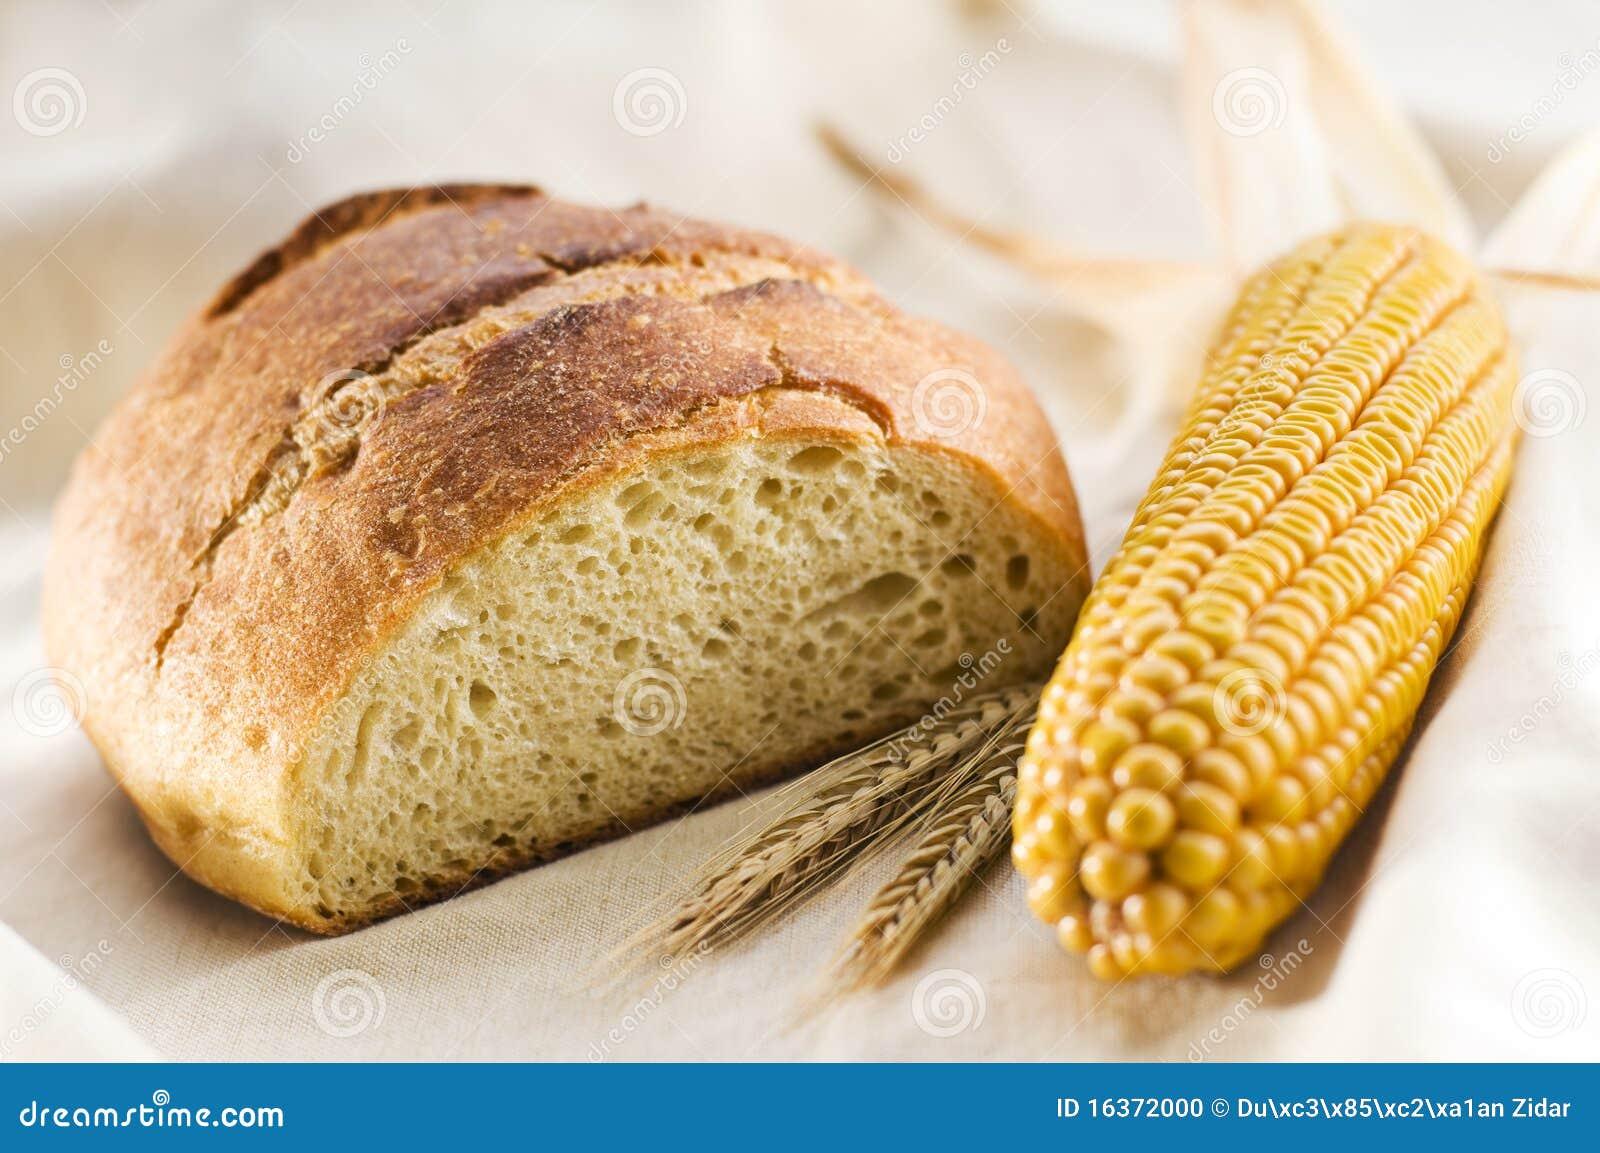 Corn Bread Stock Photo - Image: 16372000